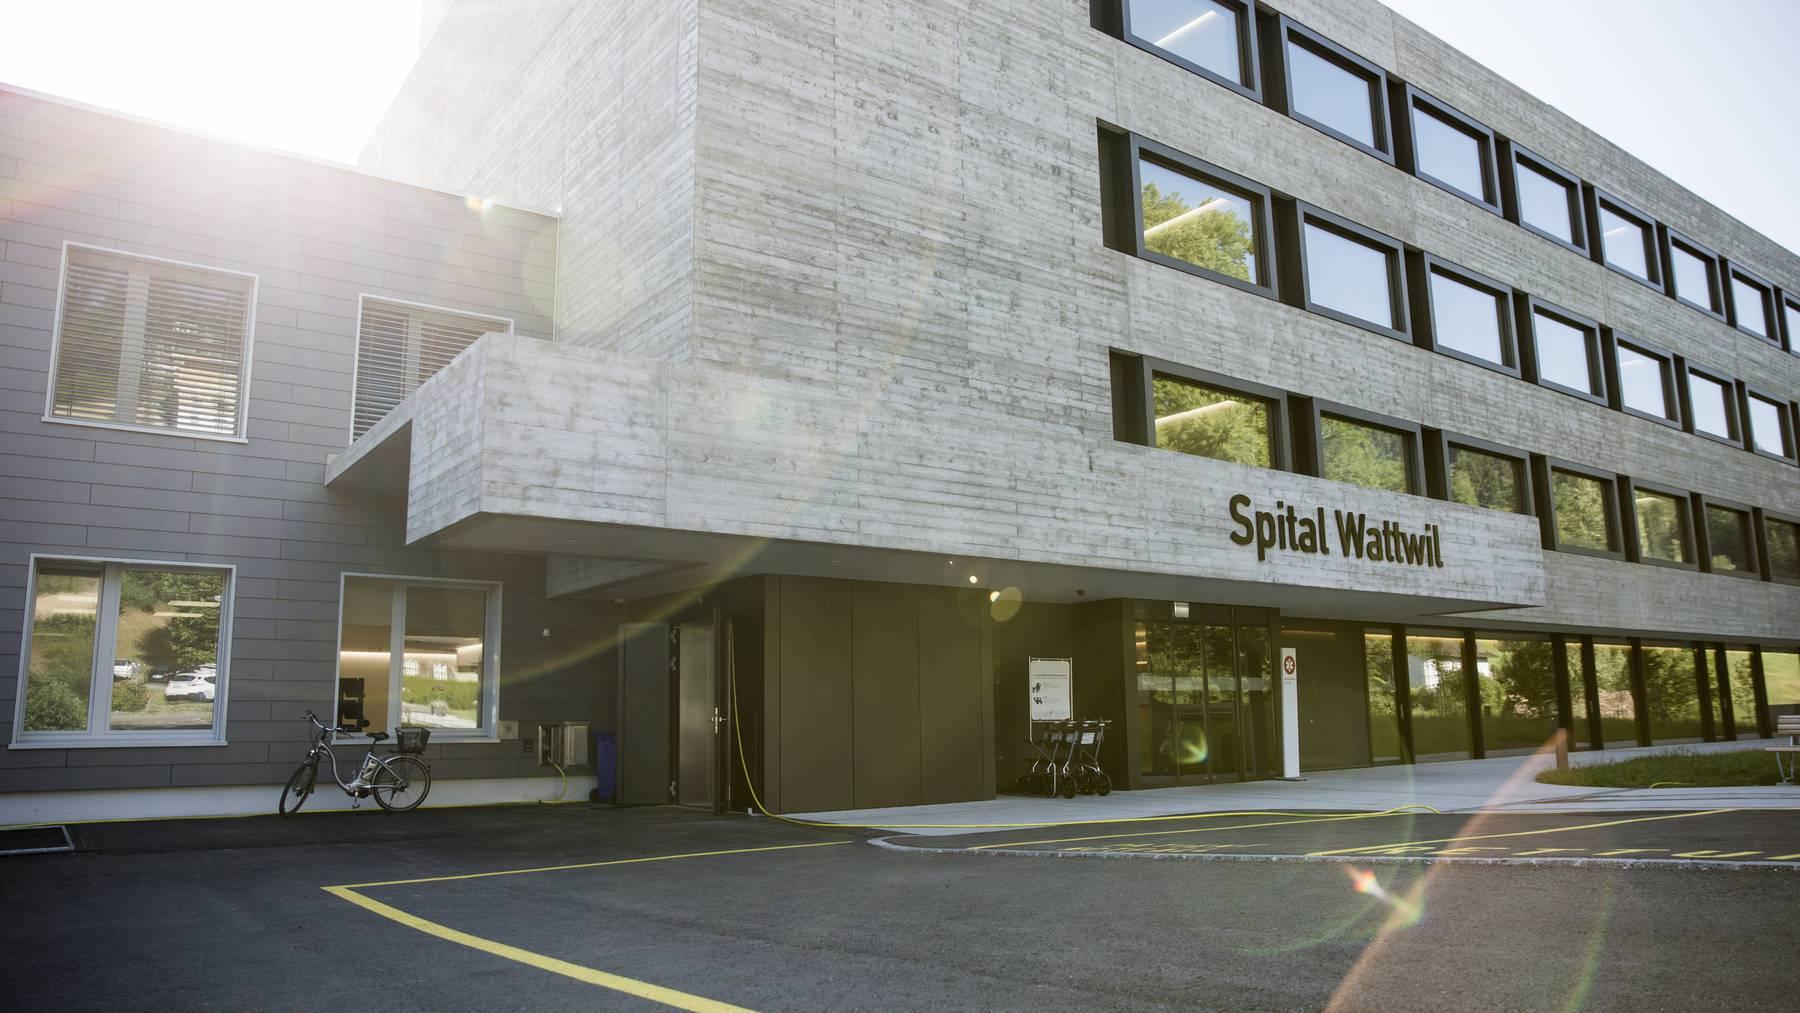 Auch das Spital Wattwil gehört zu den sieben derzeitigen Spitälern, aus denen ein Gesundheits- und Notfallzentrum werden soll.